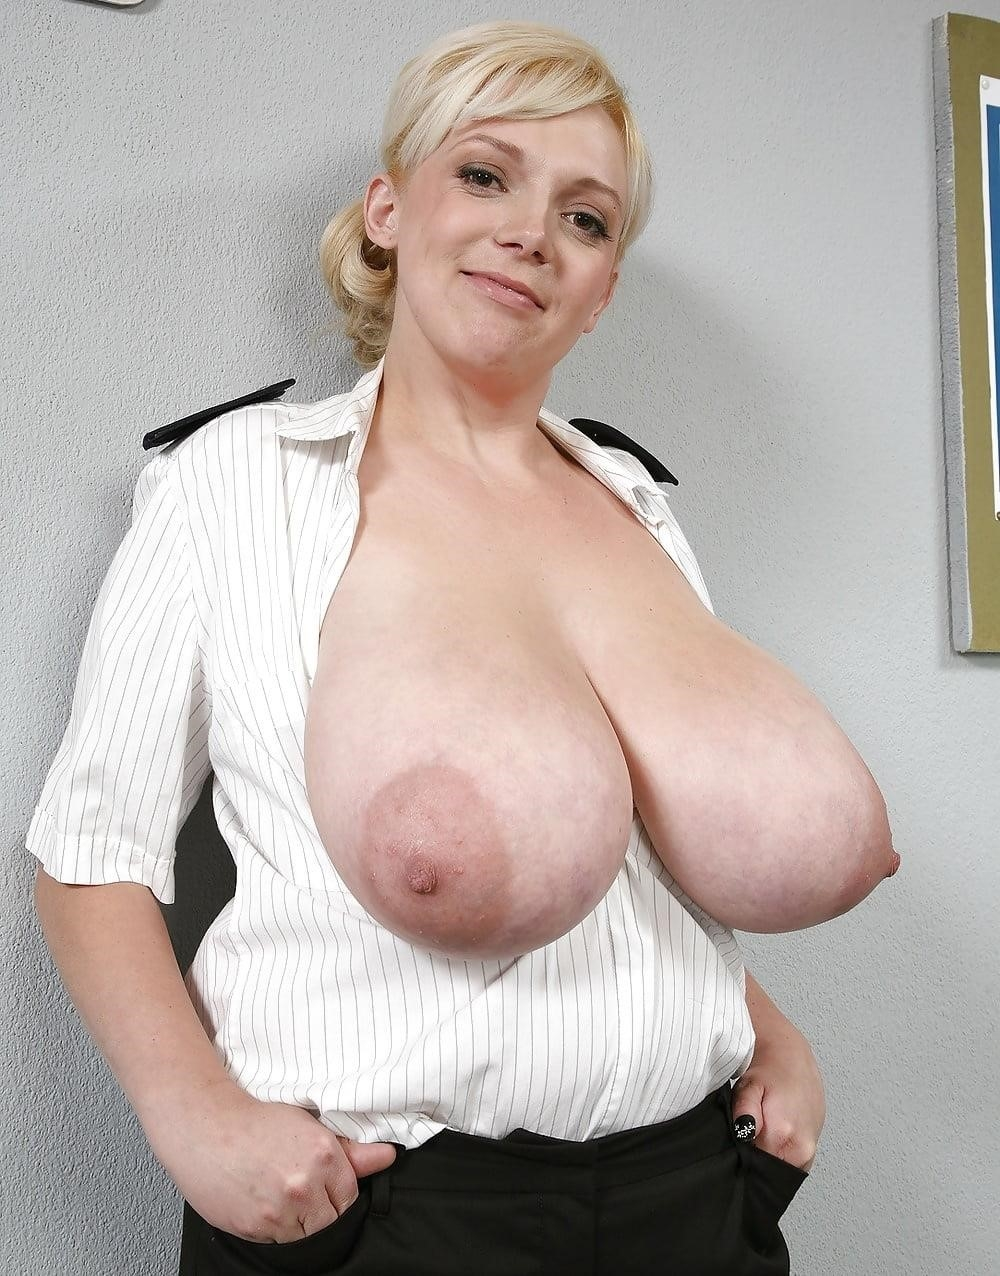 Nude big boobs lesbians-2331